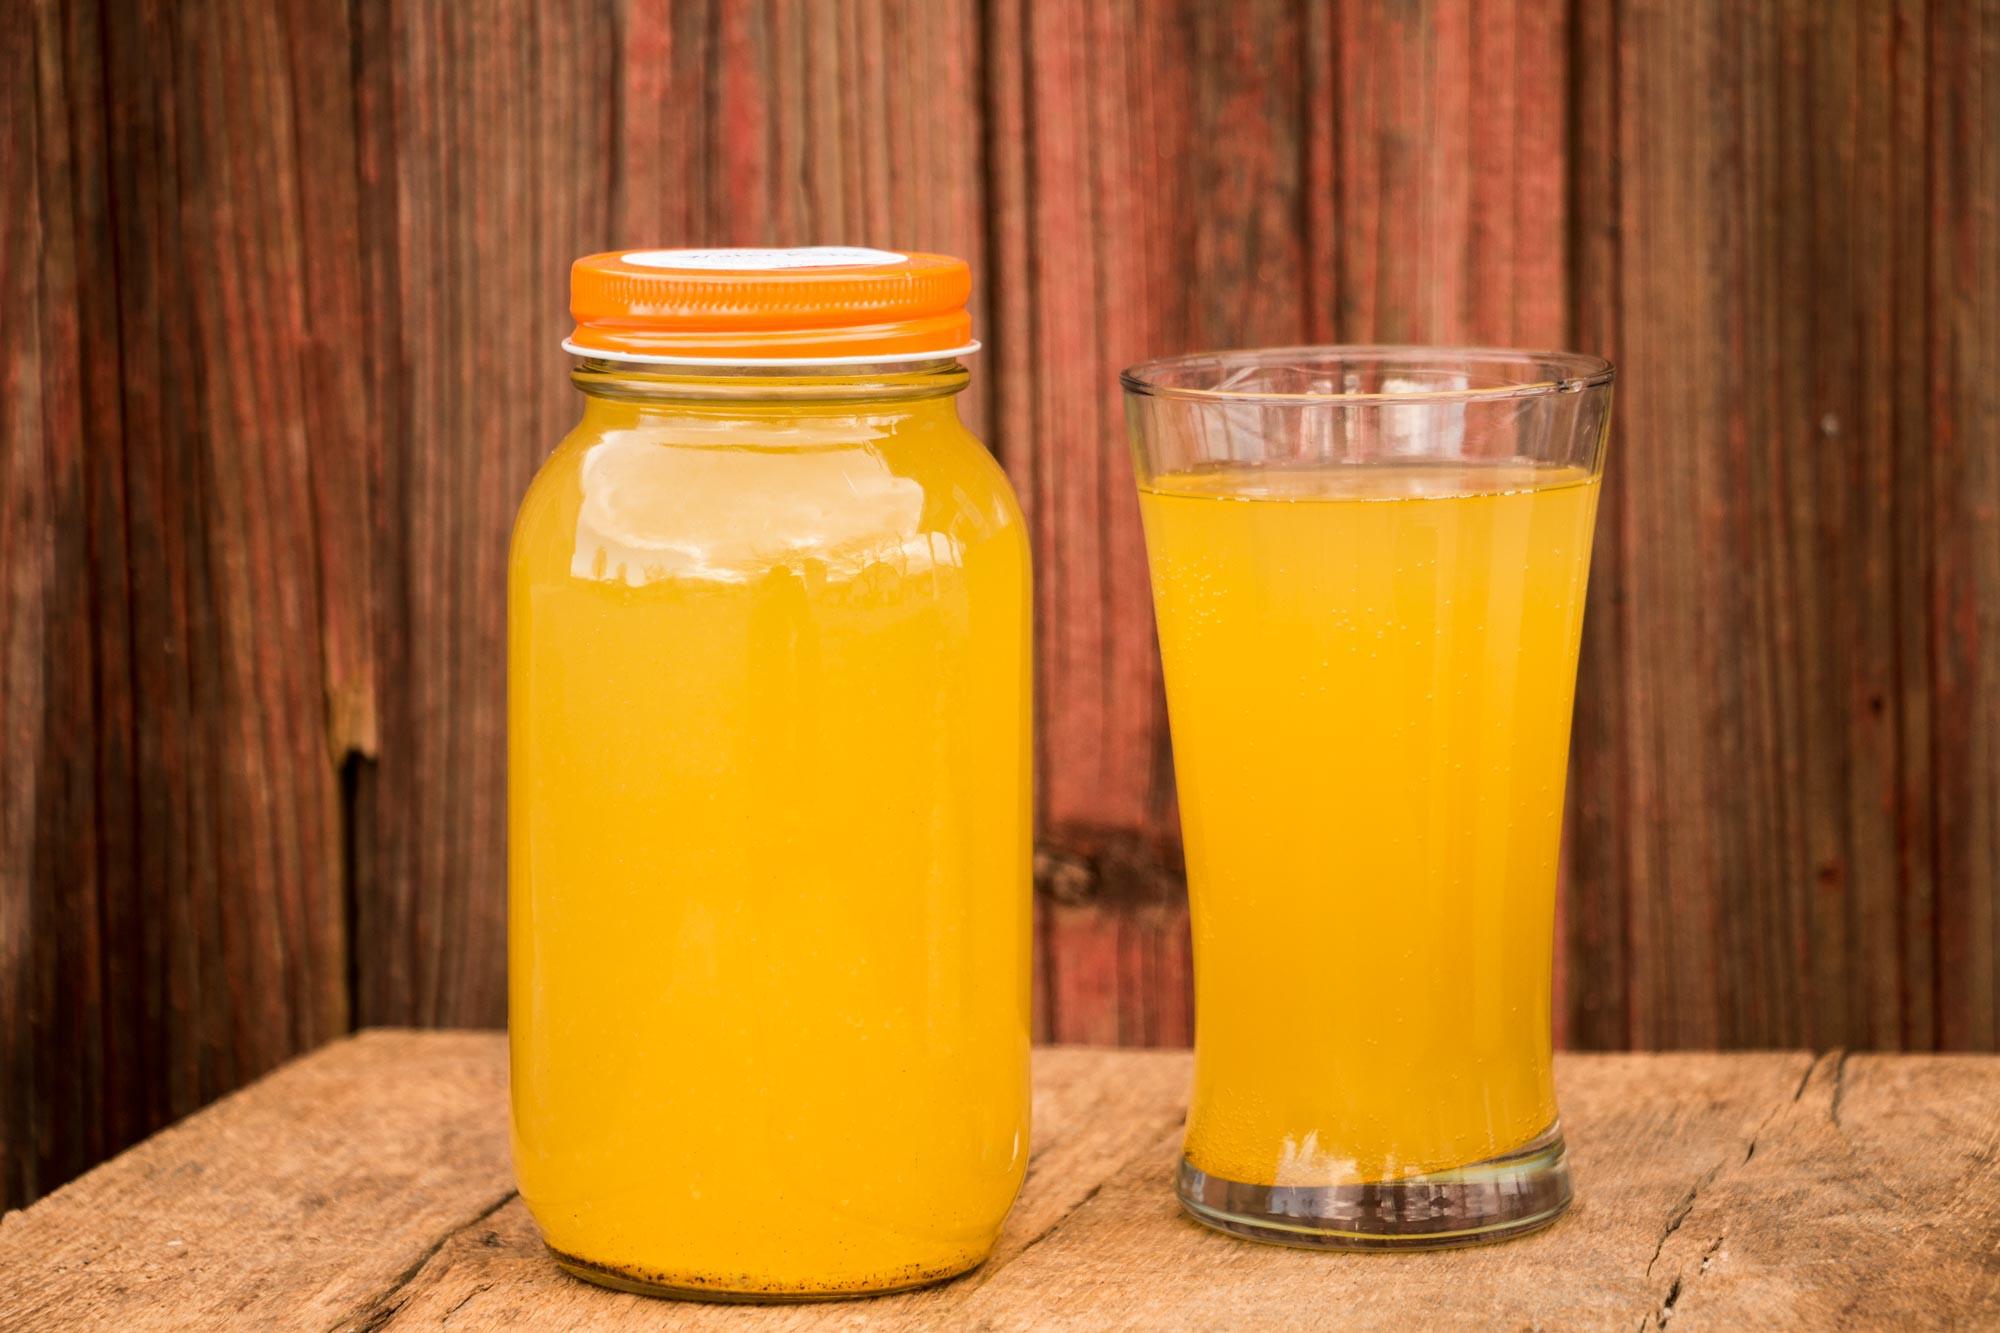 Ginger/Turmeric Water Kefir